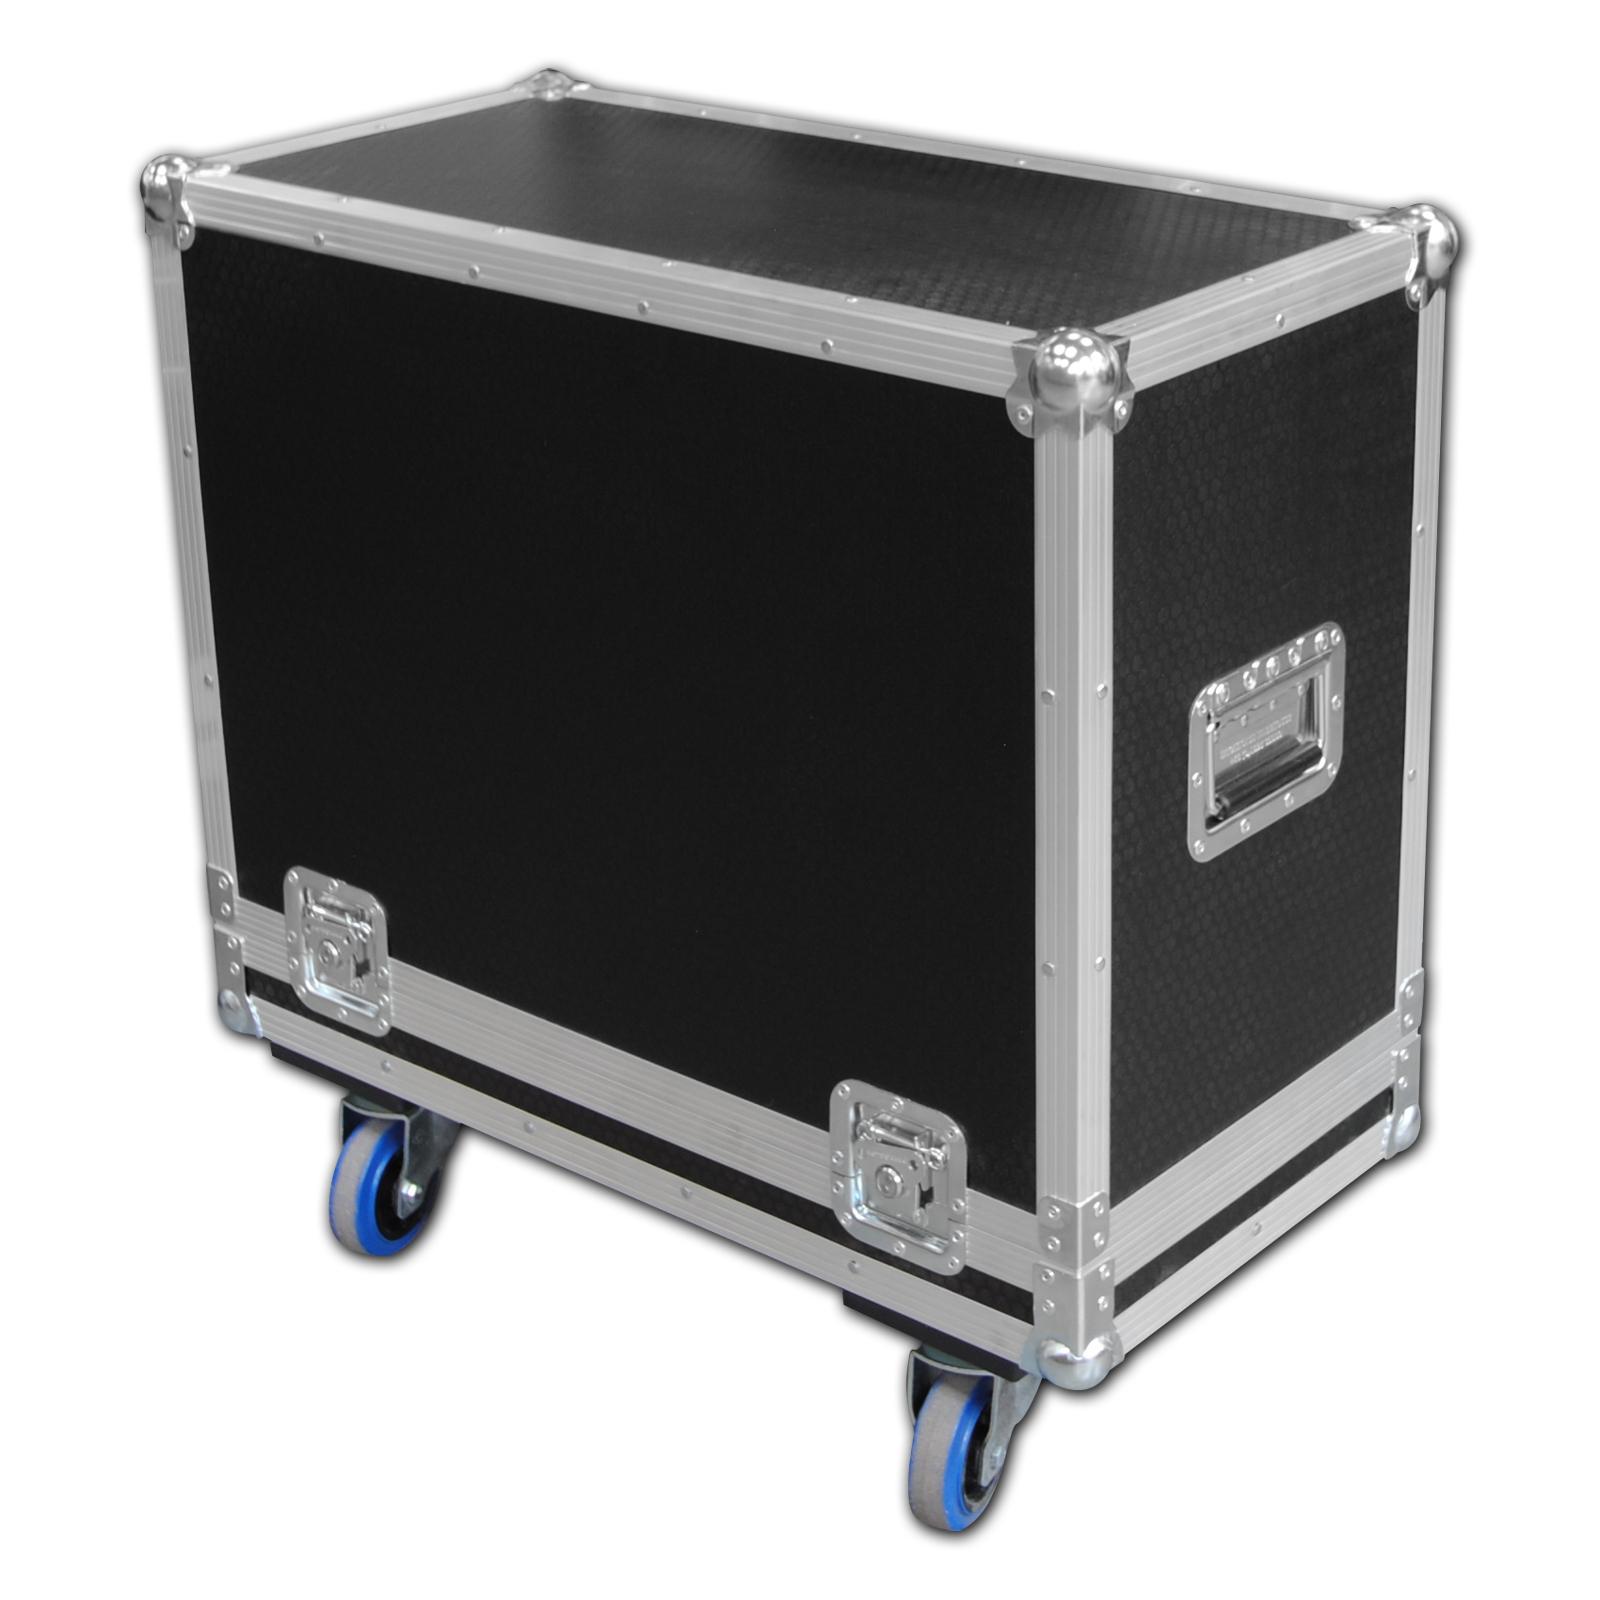 flight case for orange obc410 cabinet. Black Bedroom Furniture Sets. Home Design Ideas